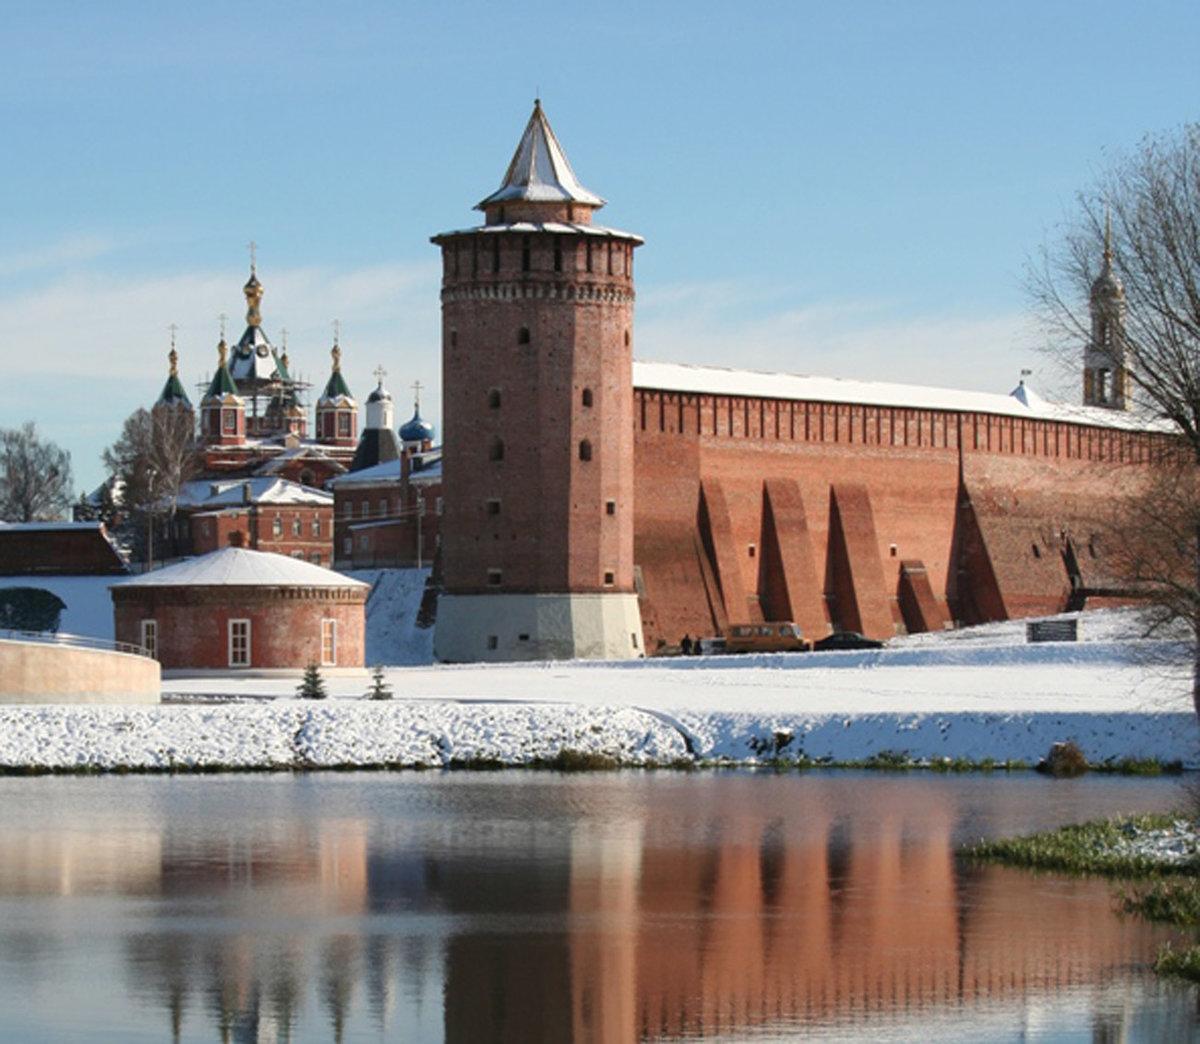 Коломна картинки коломенский кремль, помидор для детей